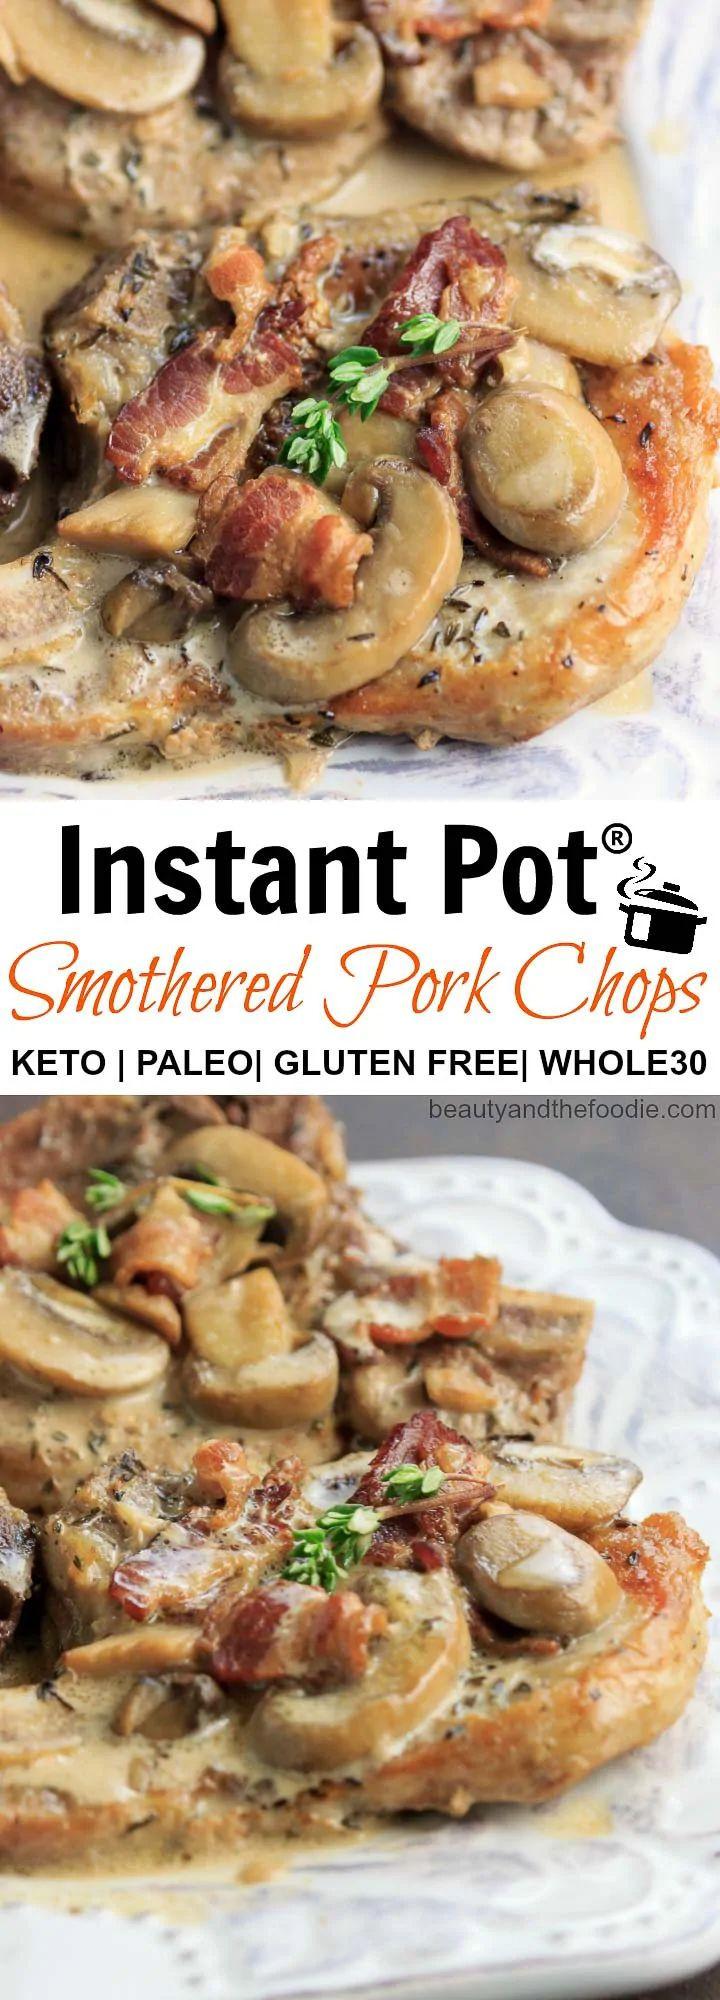 Smothered Pork Chops Crock Pot Keto  Instant Pot Keto Smothered Pork Chops